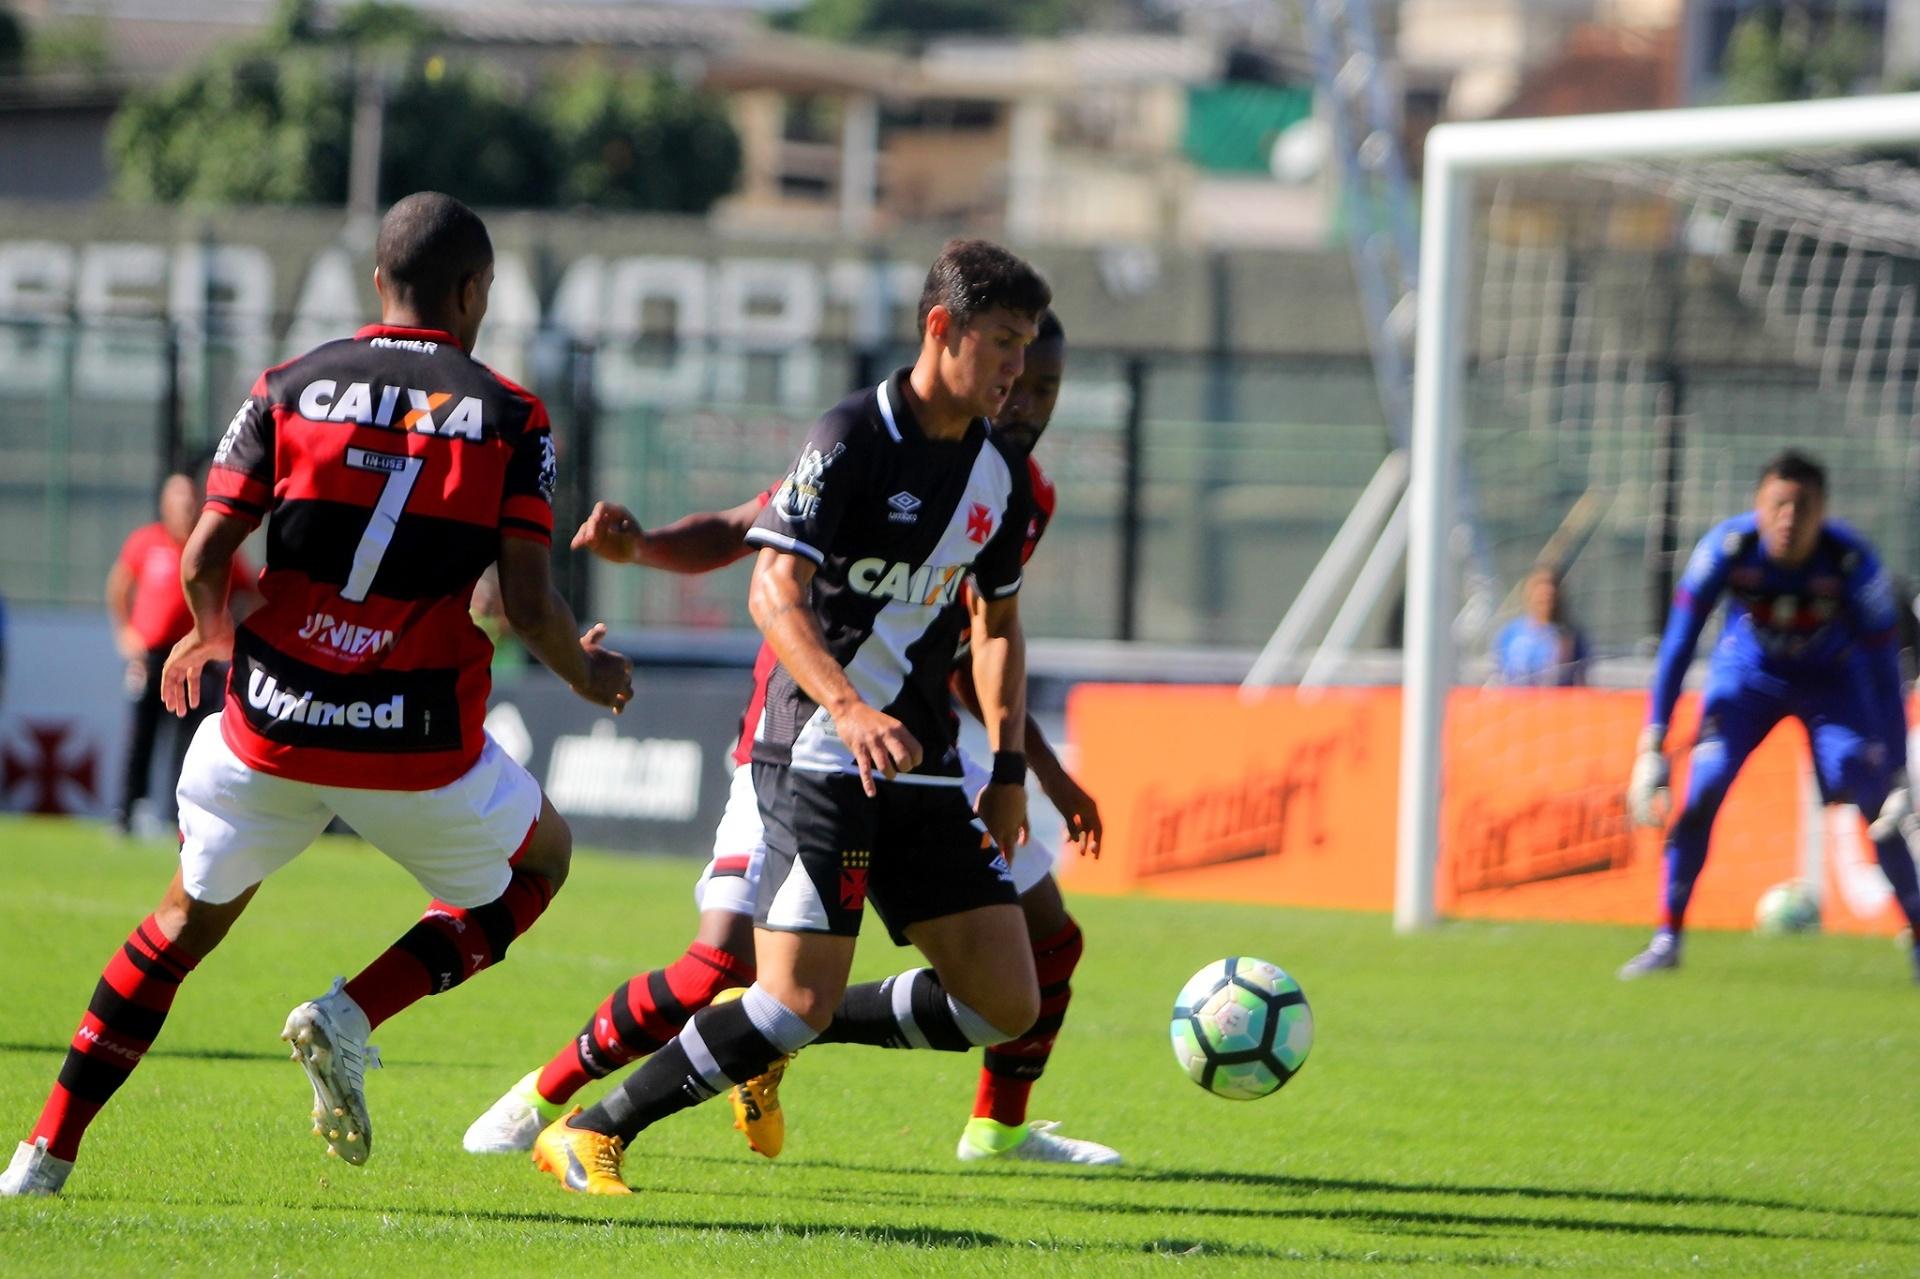 69e0ebfe61 Exames nesta 6ª e acordo de R  8 milhões  Mateus Vital vai ao Corinthians -  12 01 2018 - UOL Esporte